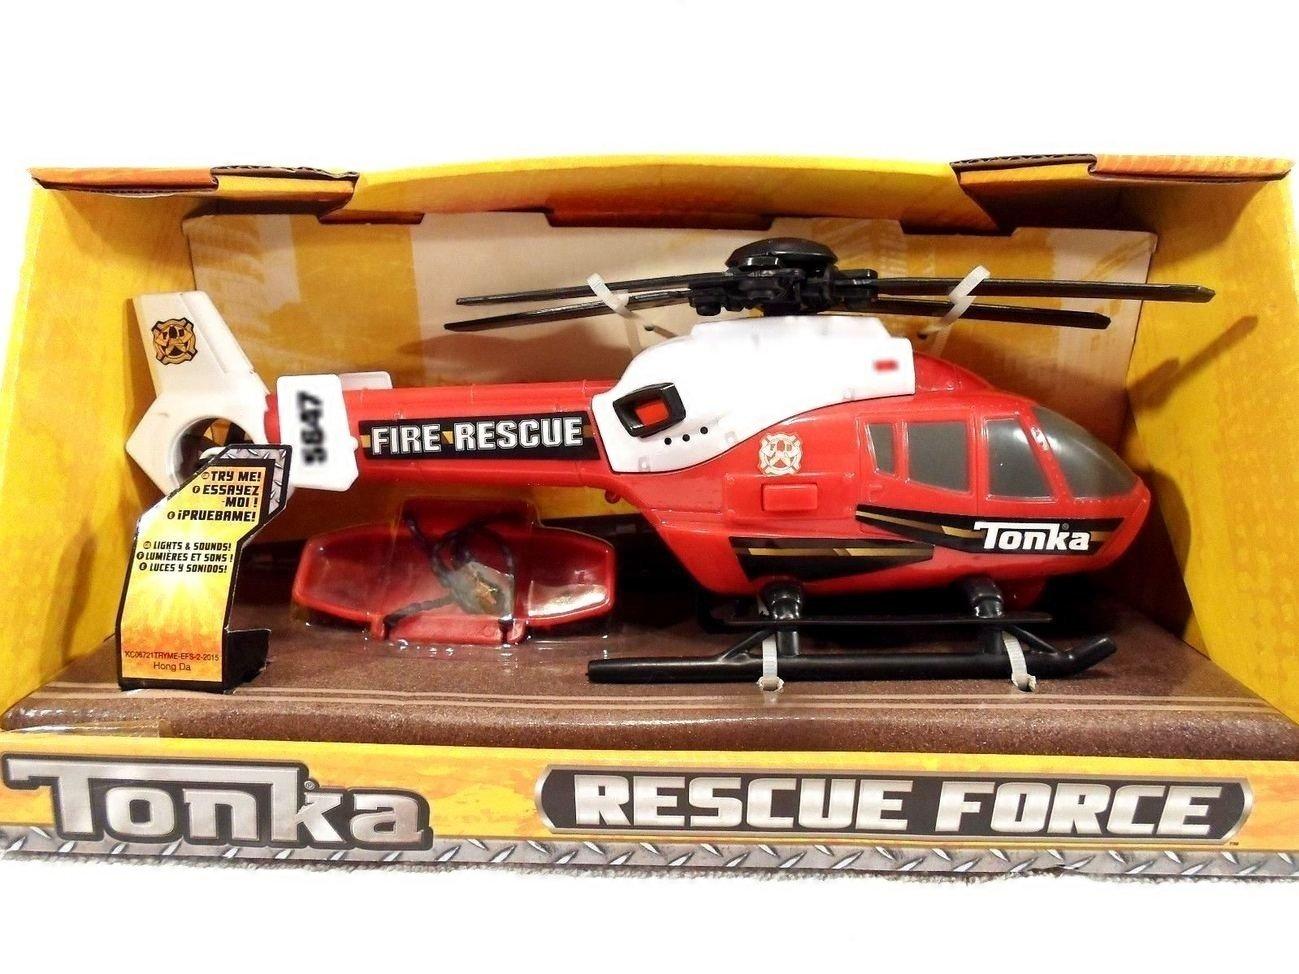 la mejor oferta de tienda online Tonka Rescue Force Fire Rescue Helicopter rojo rojo rojo And blanco by Tonka  descuento de bajo precio